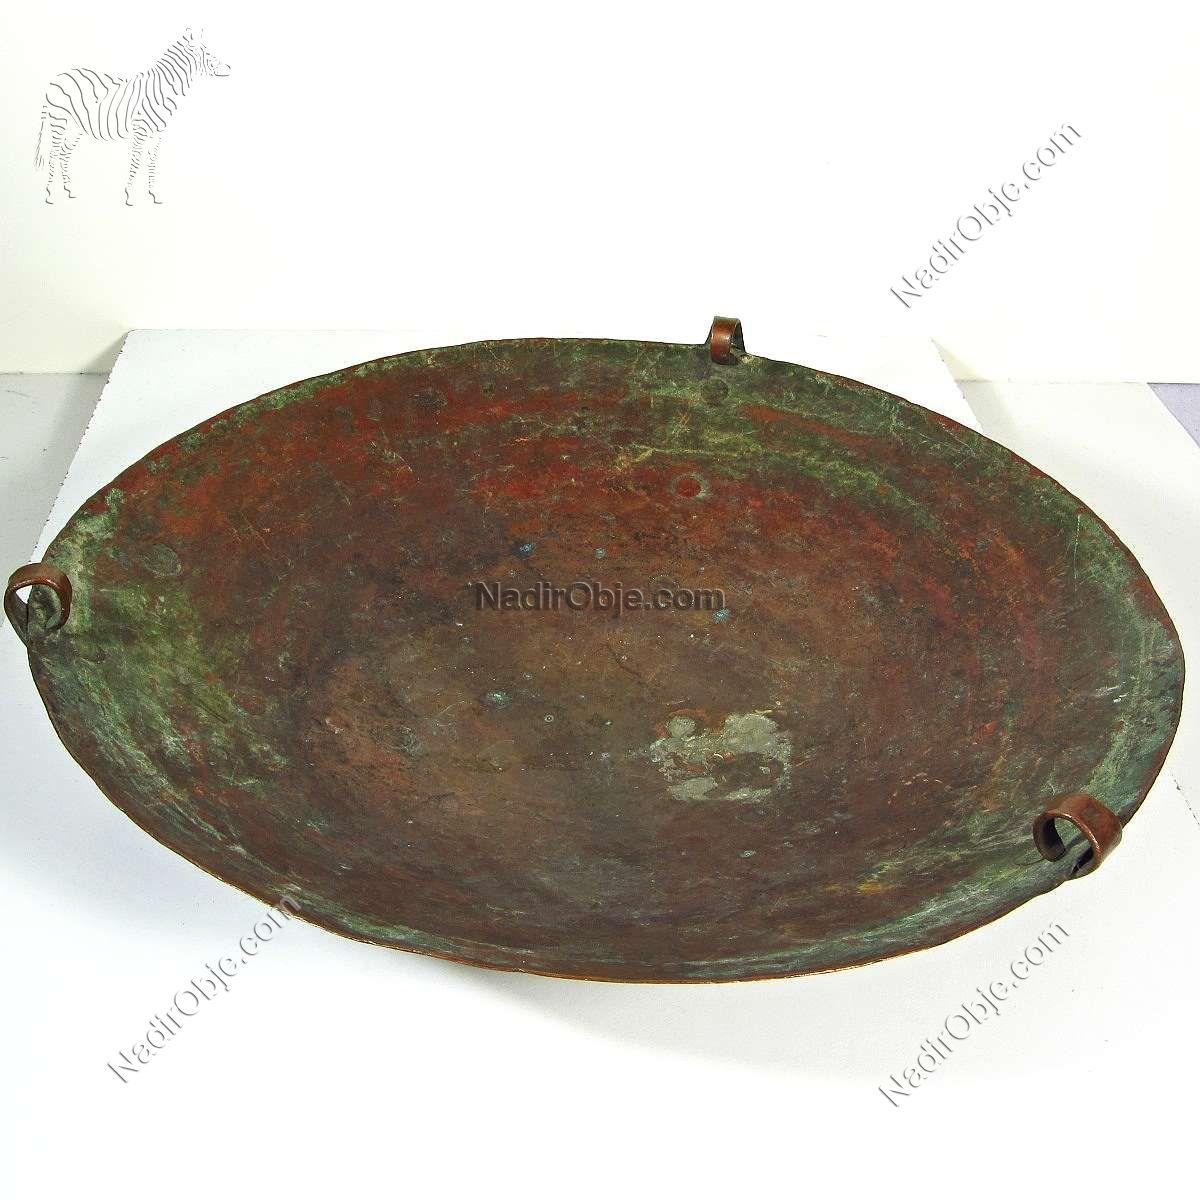 Çok Eski Bakır Terazi Kefesi – N1961 Metal Objeler Bakır